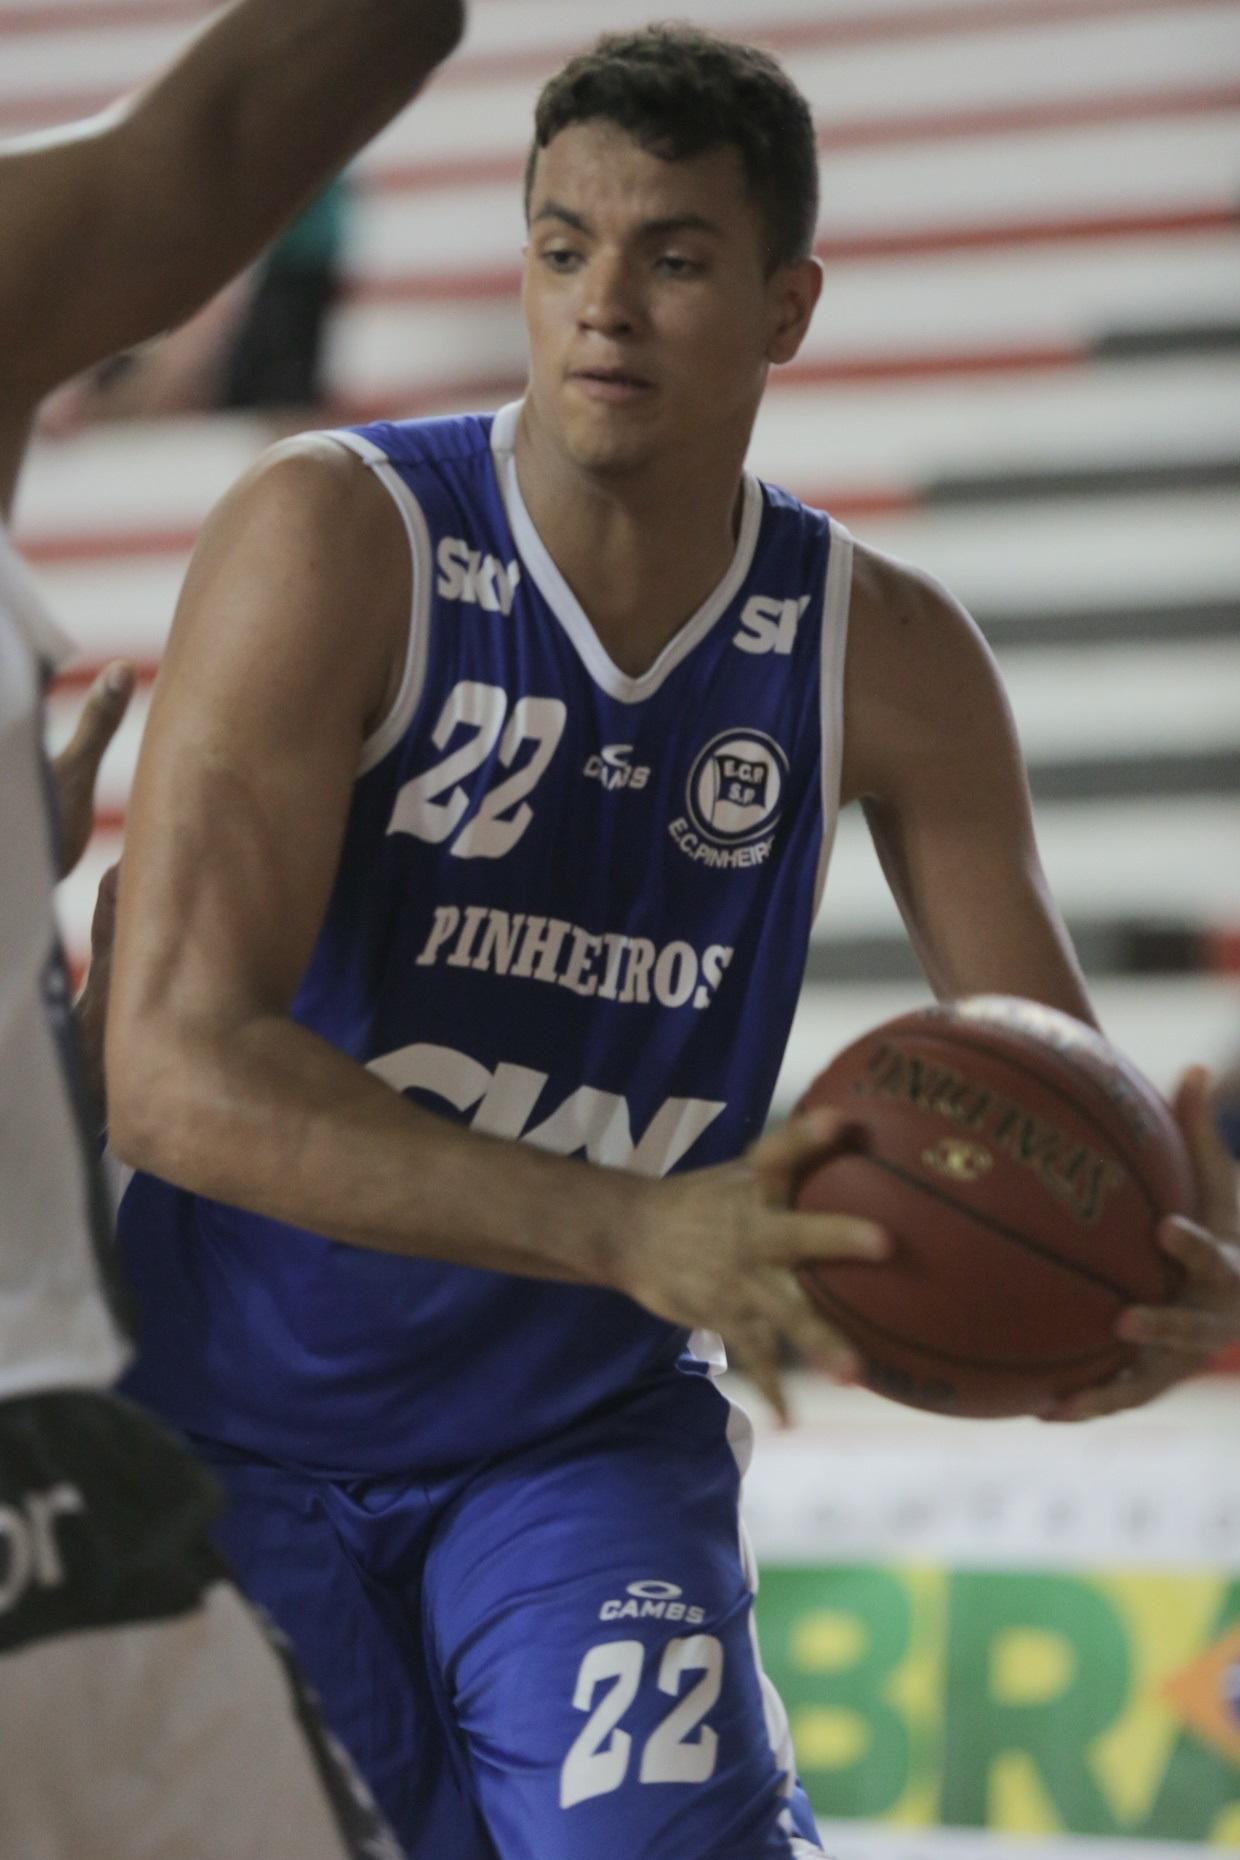 Lucas participou de todas as edições da LDB com a camisa do Pinheiros (João Neto/LNB)